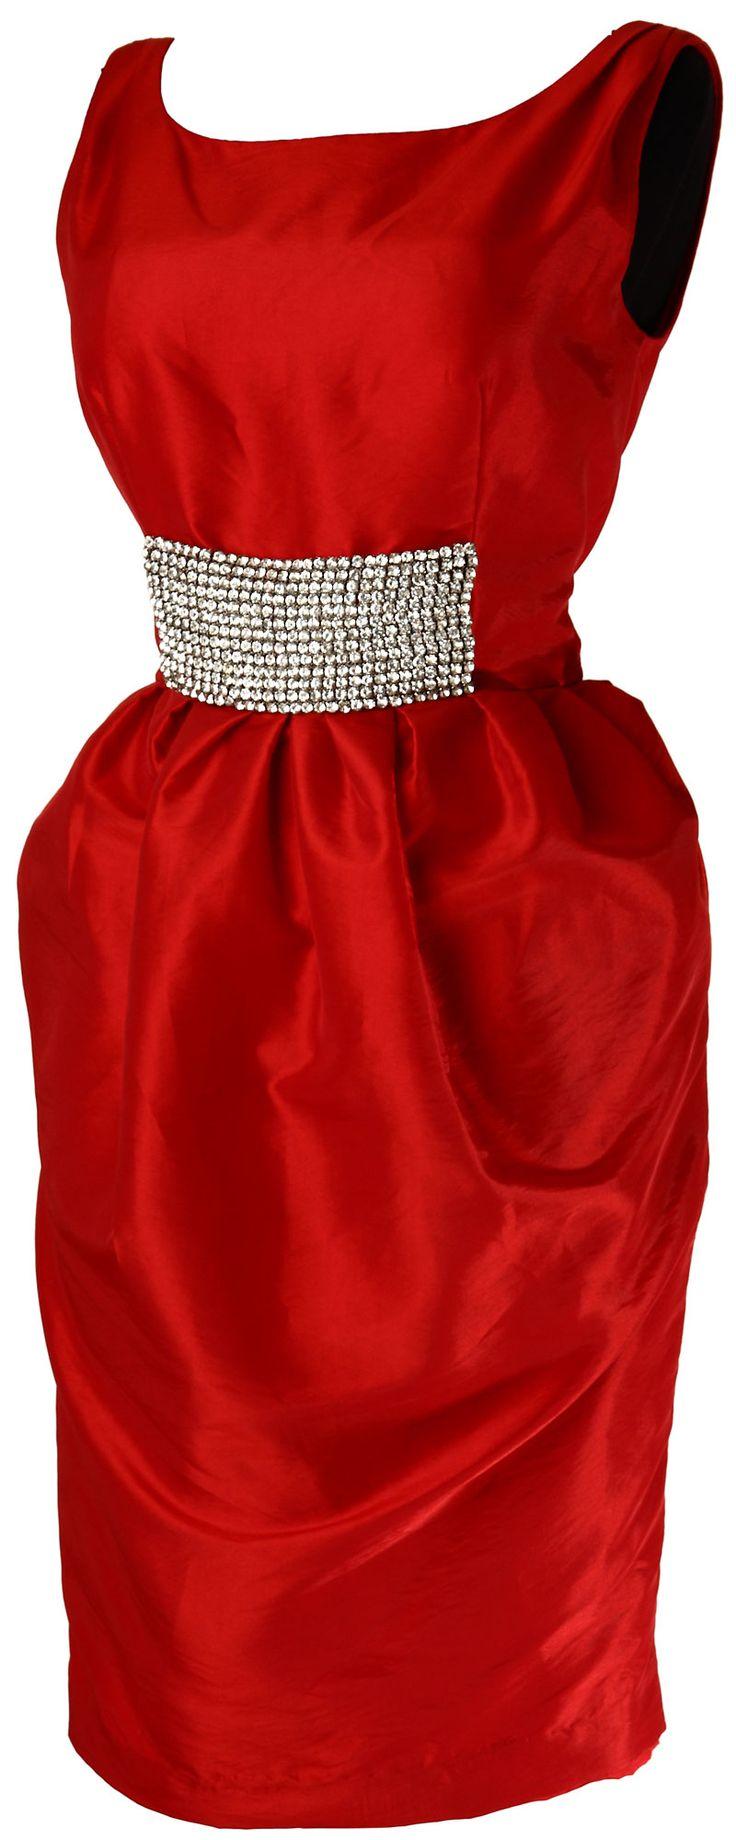 Эффектное коктейльное платье из шелковой тафты, декорированное стразами, Plumage Ceremony Project